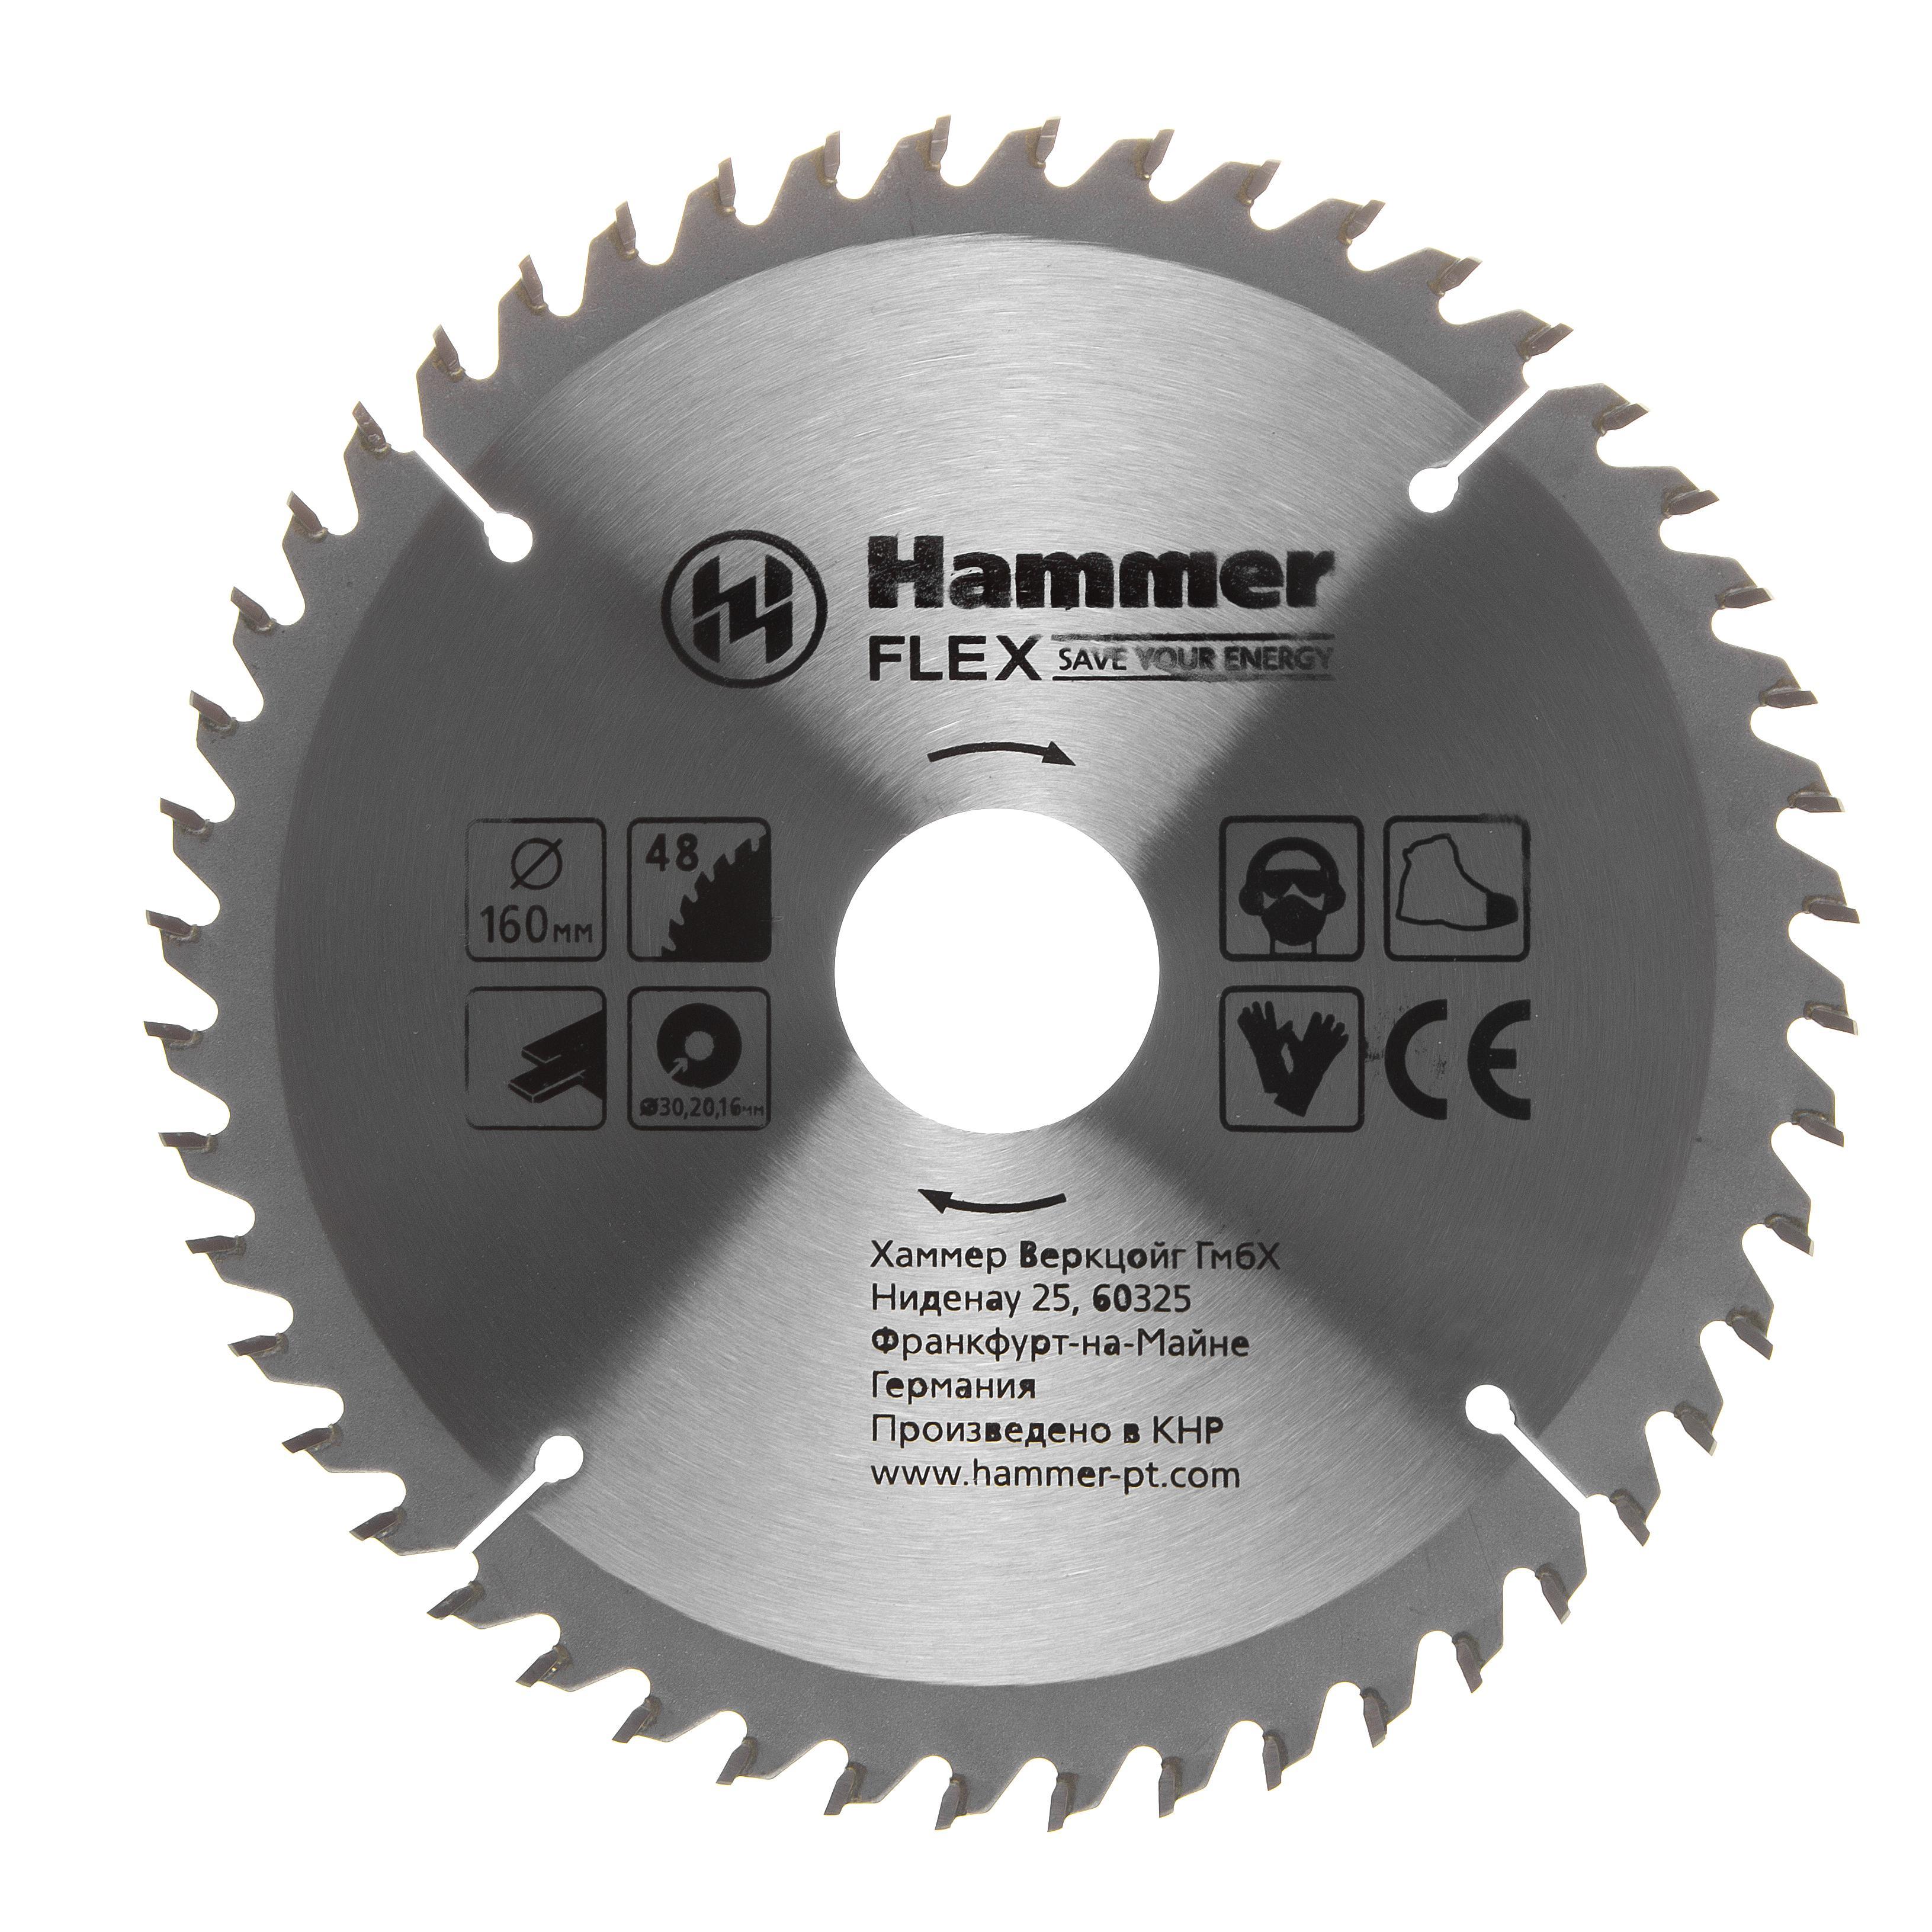 Диск пильный твердосплавный Hammer 160х20/16мм 48 зуб. диск пильный твердосплавный hammer 335х32 30мм 64 зуб